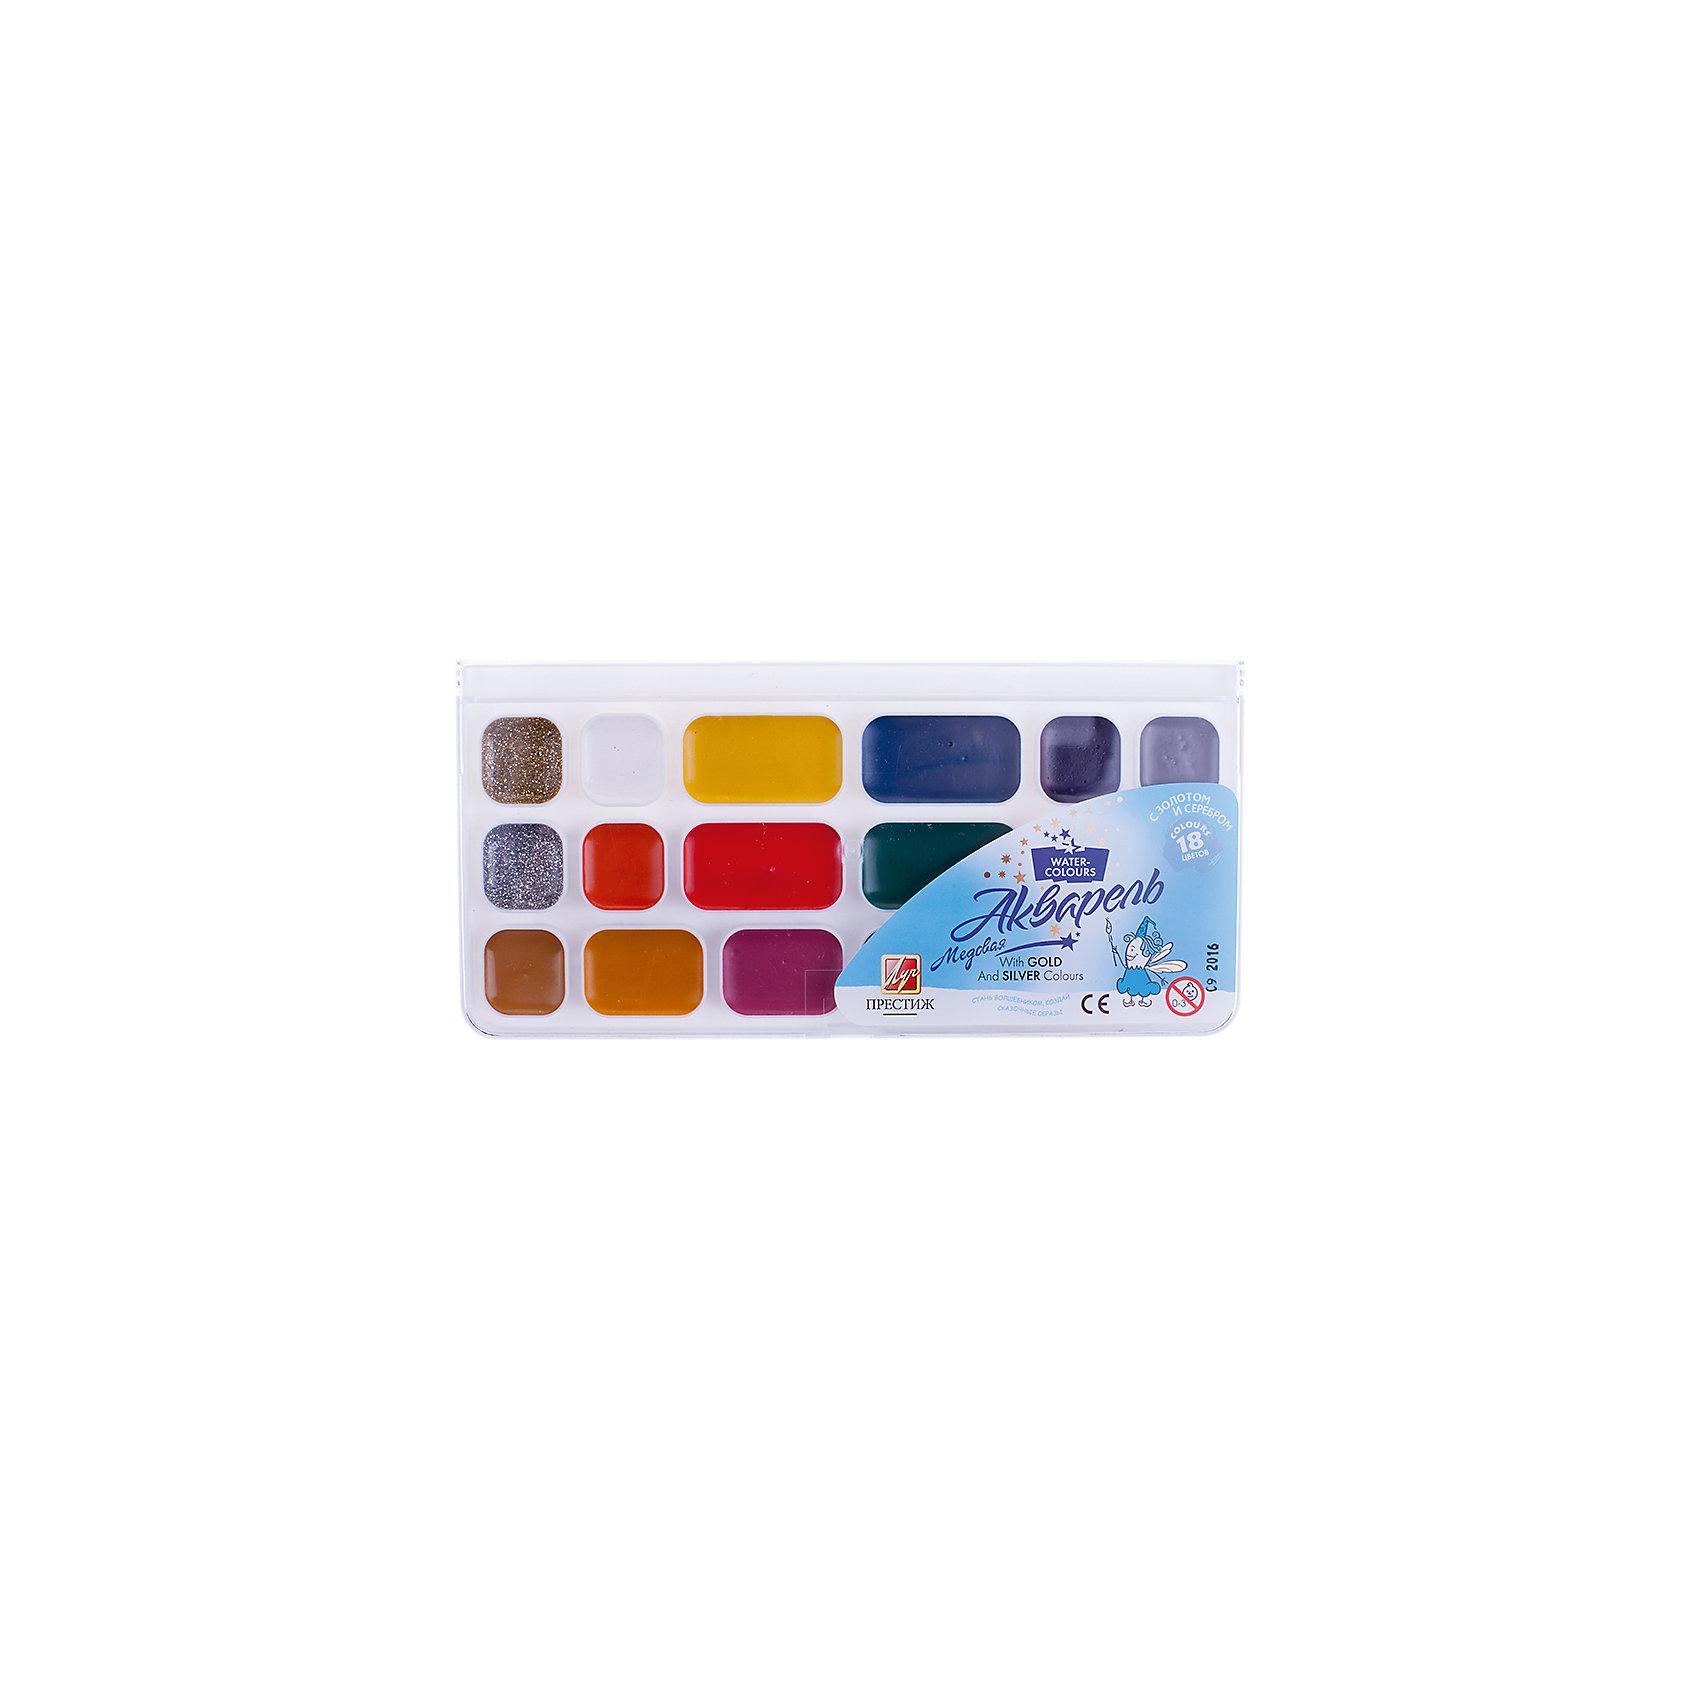 Акварель медовая ПРЕСТИЖ 18 цветов с золотом и серебром ЛучРисование и лепка<br>Характеристики:<br><br>• возраст: от 3 лет<br>• в наборе: краски акварельные медовые полусухие; краски с эффектами блеска, золота и серебра<br>• количество цветов: 18<br>• упаковка: пластмассовый пенал с прозрачной крышкой<br>• размер упаковки: 10,5х21,6х1,4 см.<br>• вес: 166 гр.<br><br>Акварель медовая «Престиж» предназначена для живописных и декоративных работ. В наборе классические краски для творчества дополнены красками с необыкновенными эффектами блеска, золота и серебра.<br><br>Набор выпускается в удобной пластмассовой упаковке с прозрачной крышкой, содержит увеличенные кюветы с часто используемыми цветами. Без кисточки.<br><br>Краски изготовлены на основе органических пигментов и натурального связующего с добавлением пчелиного мёда. Безопасны при использовании по назначению.<br><br>Акварель медовую ПРЕСТИЖ 18 цветов с золотом и серебром Луч можно купить в нашем интернет-магазине.<br><br>Ширина мм: 220<br>Глубина мм: 110<br>Высота мм: 15<br>Вес г: 165<br>Возраст от месяцев: 36<br>Возраст до месяцев: 2147483647<br>Пол: Унисекс<br>Возраст: Детский<br>SKU: 7010478